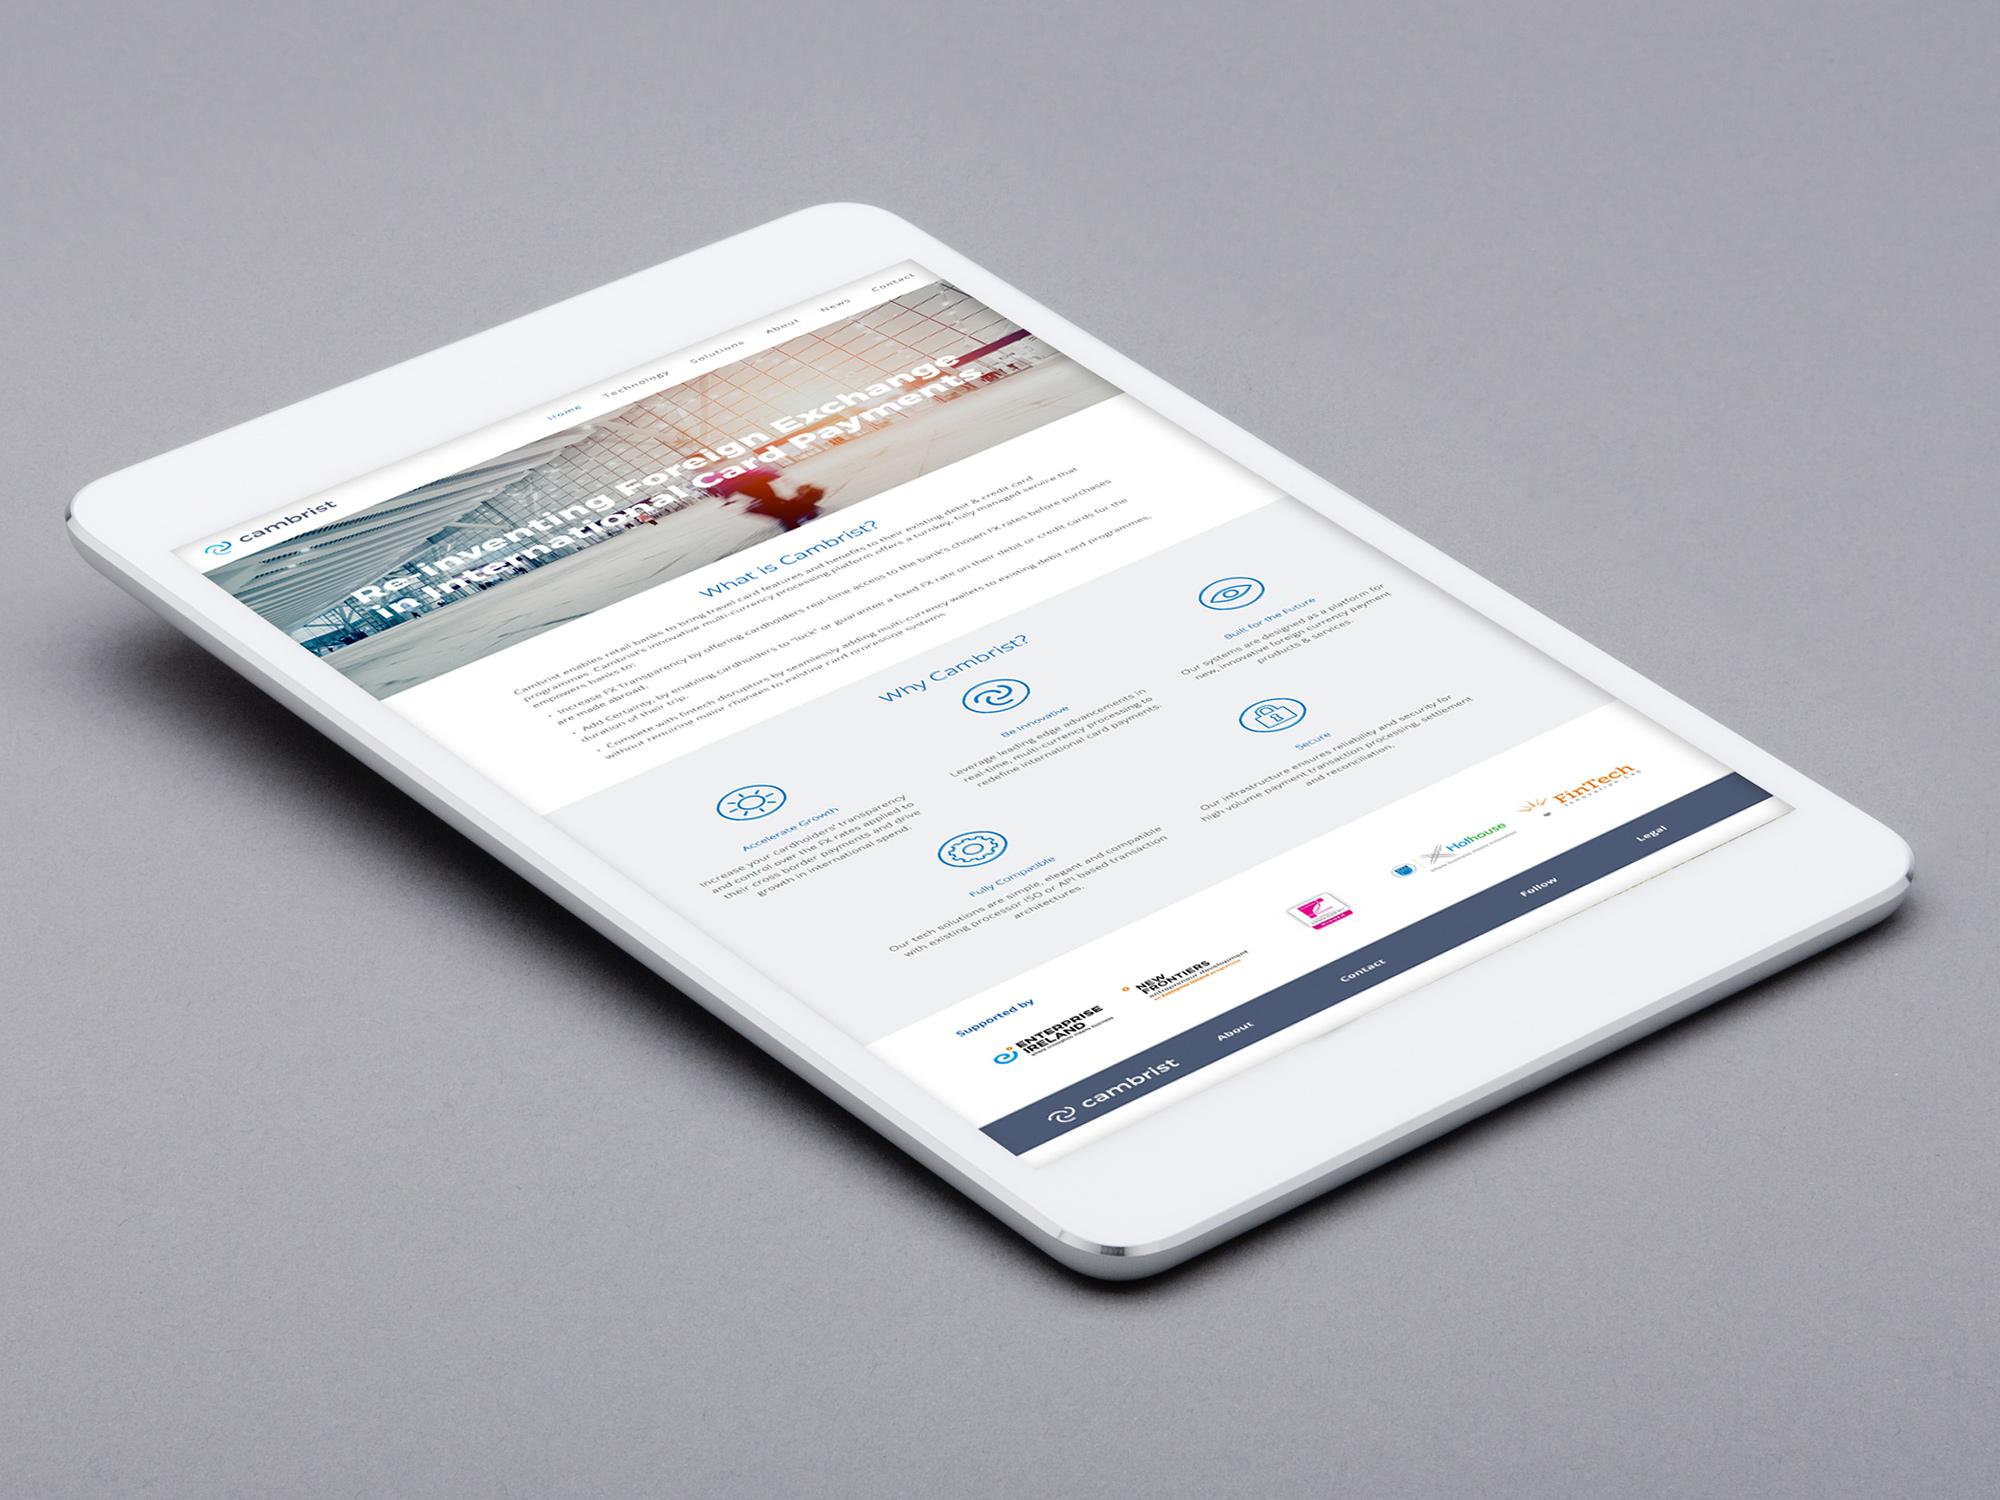 Cambrist_website_tablet.jpg